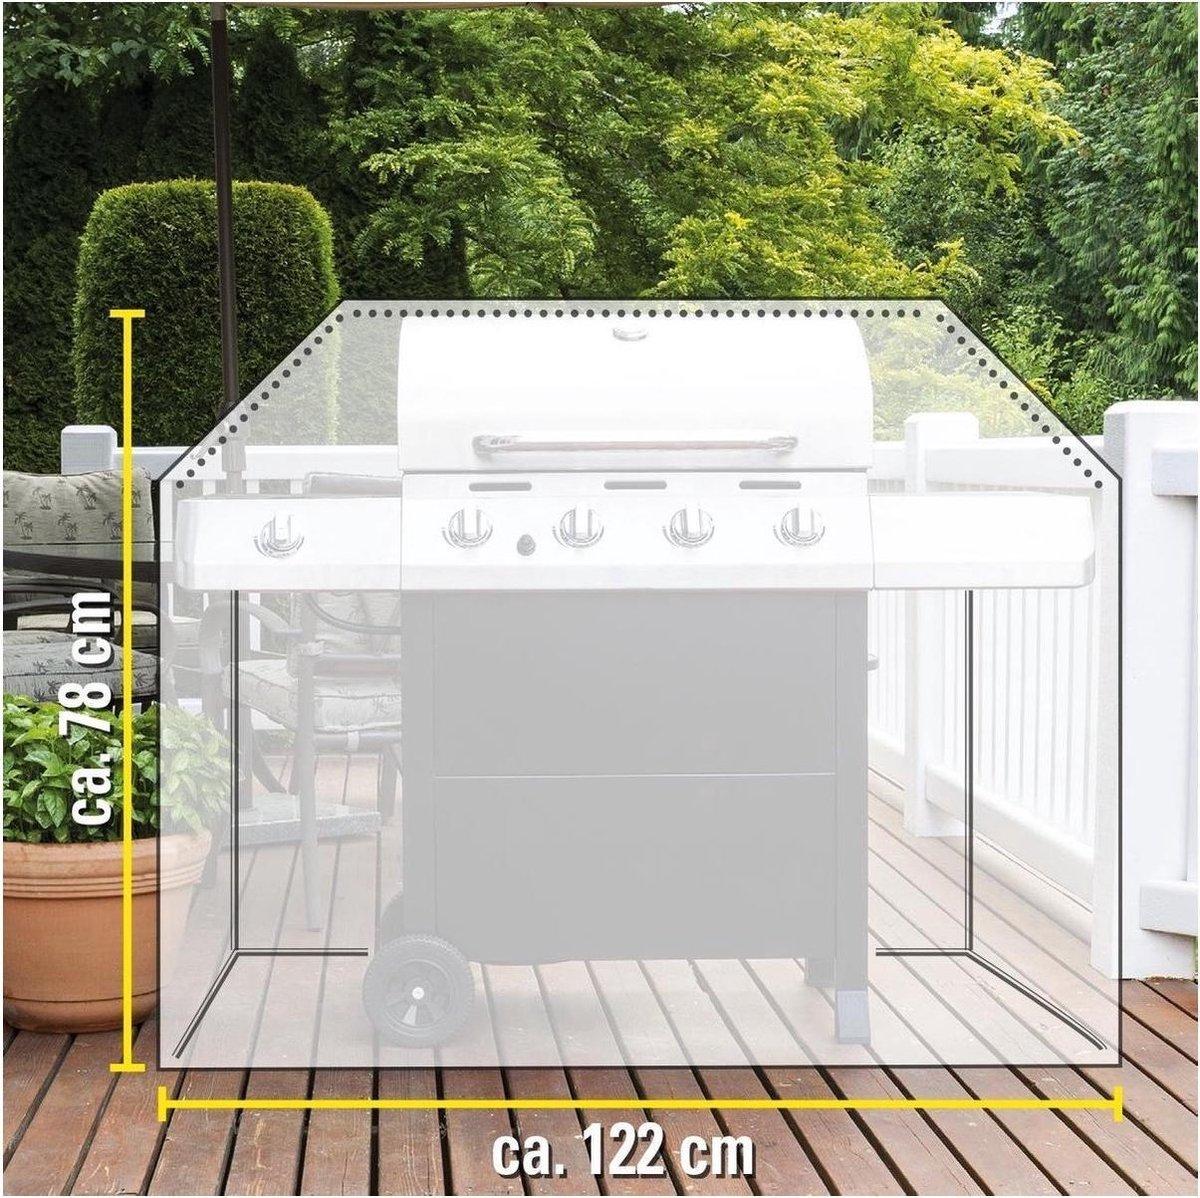 Afdekhoes/beschermhoes rechthoekige barbecue/bbq 122 x 71 x 78 cm zwart - Afdekhoezen/beschermhoezen - Barbecuehoes - Barbecuebescherming